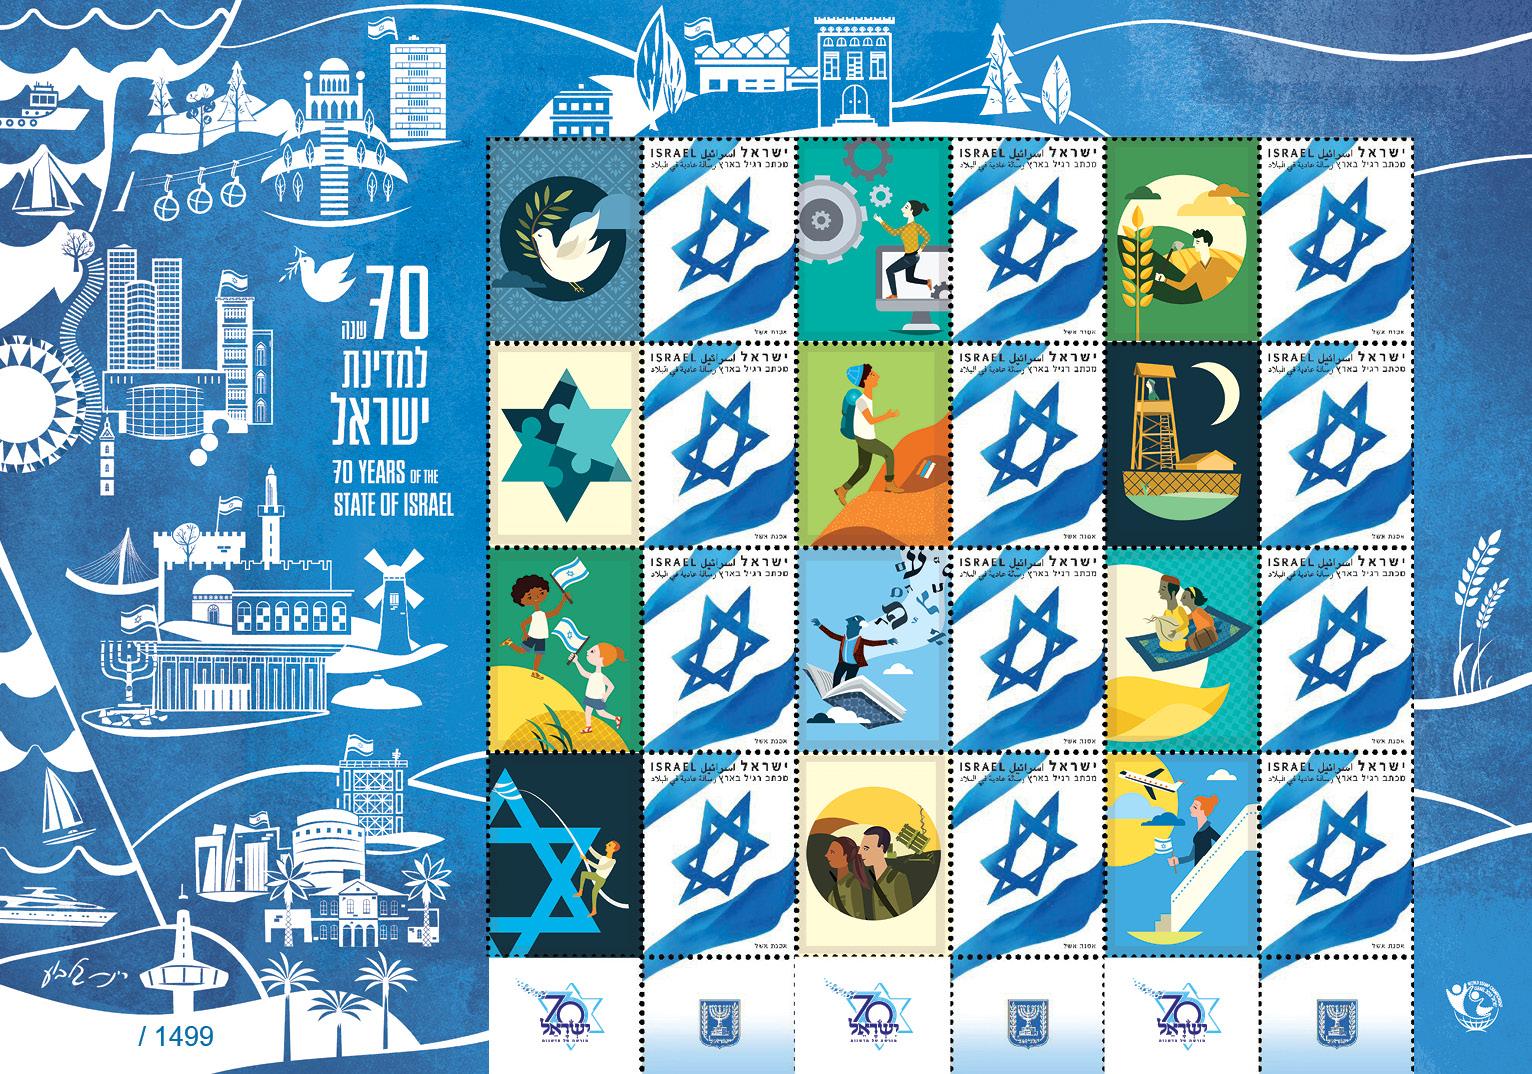 israel70-RASHI-ILLUS-HADMAYA